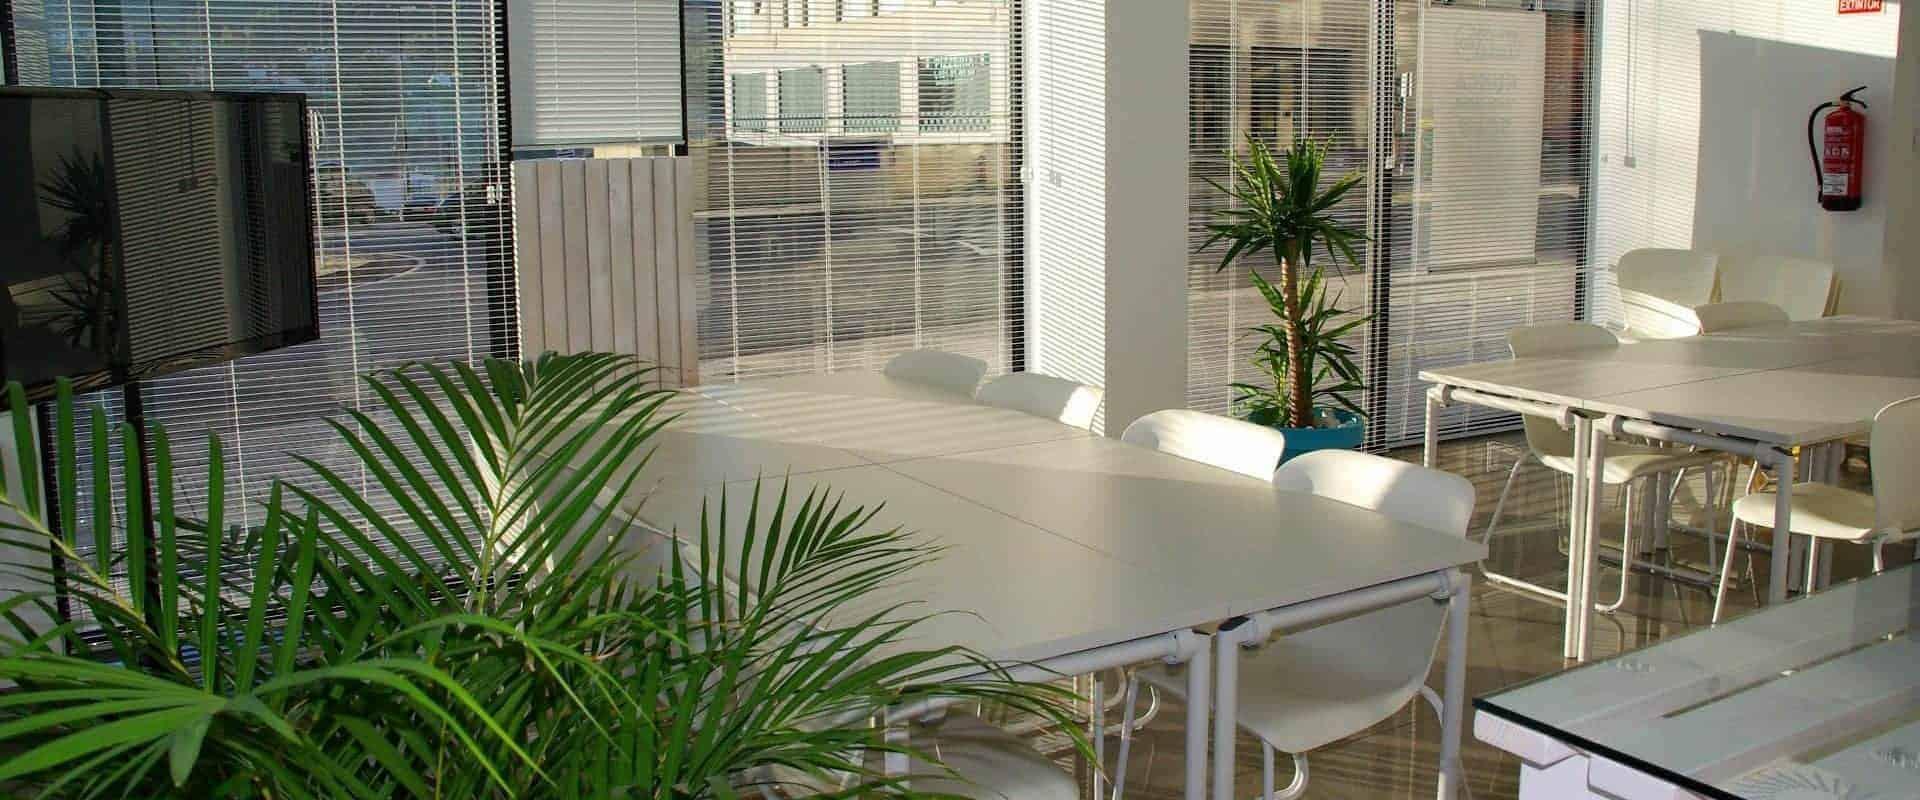 Arredamento sala bologna l 39 ufficio oscard business for Arredamento bologna